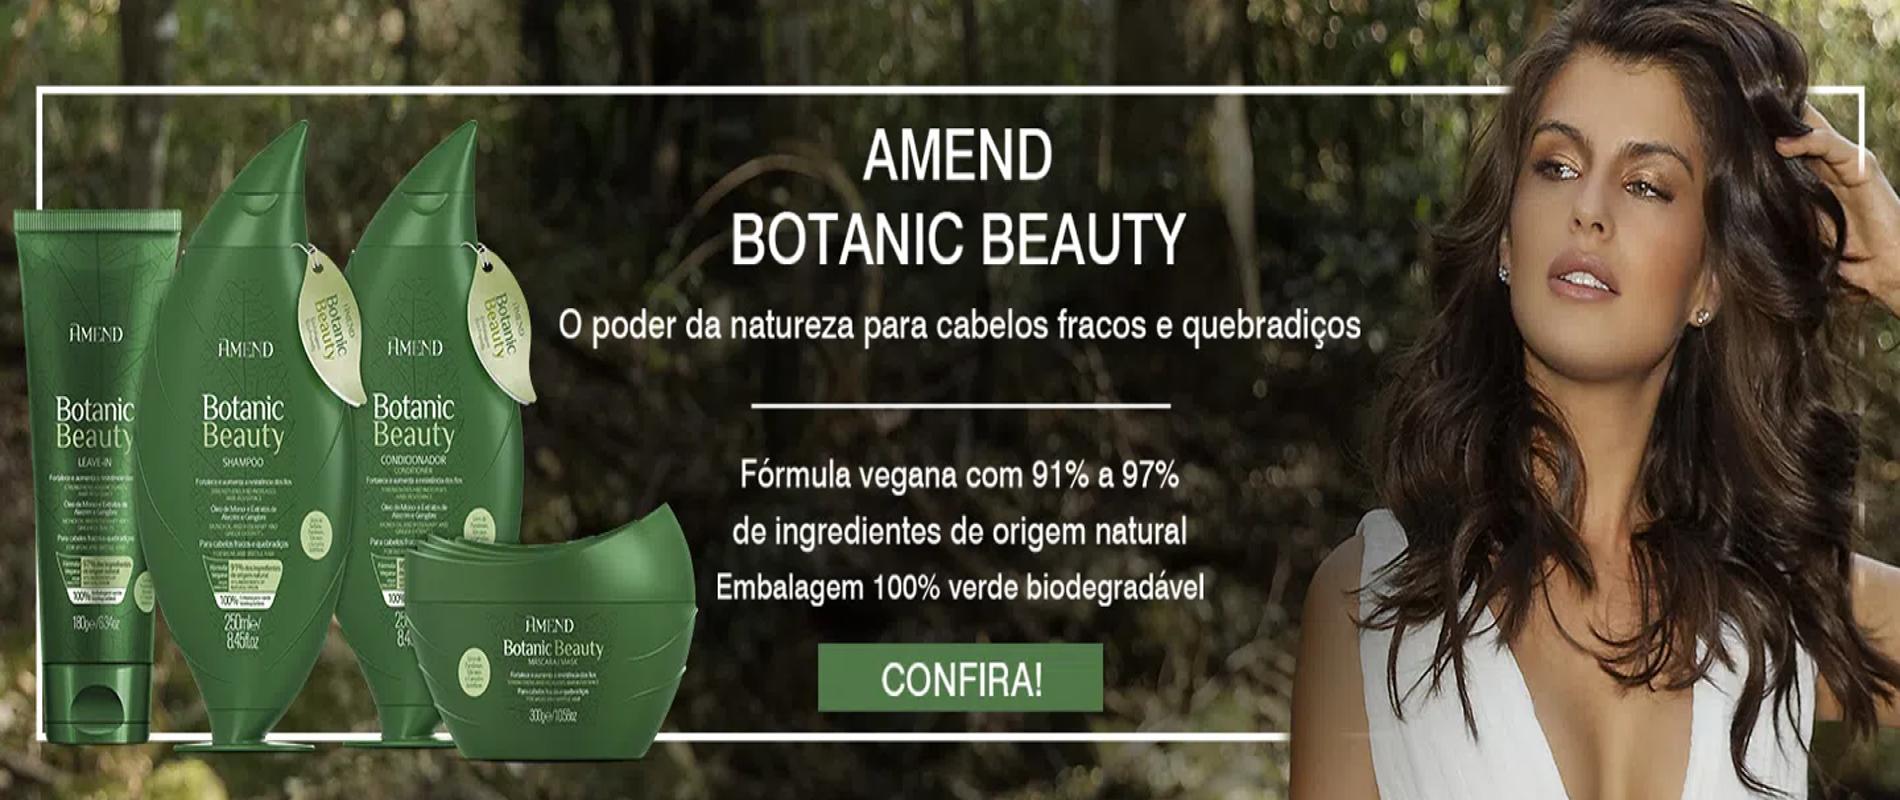 https://goyaperfumaria.com.br/marcas/para-cabelos/diferenciadas/amend.html